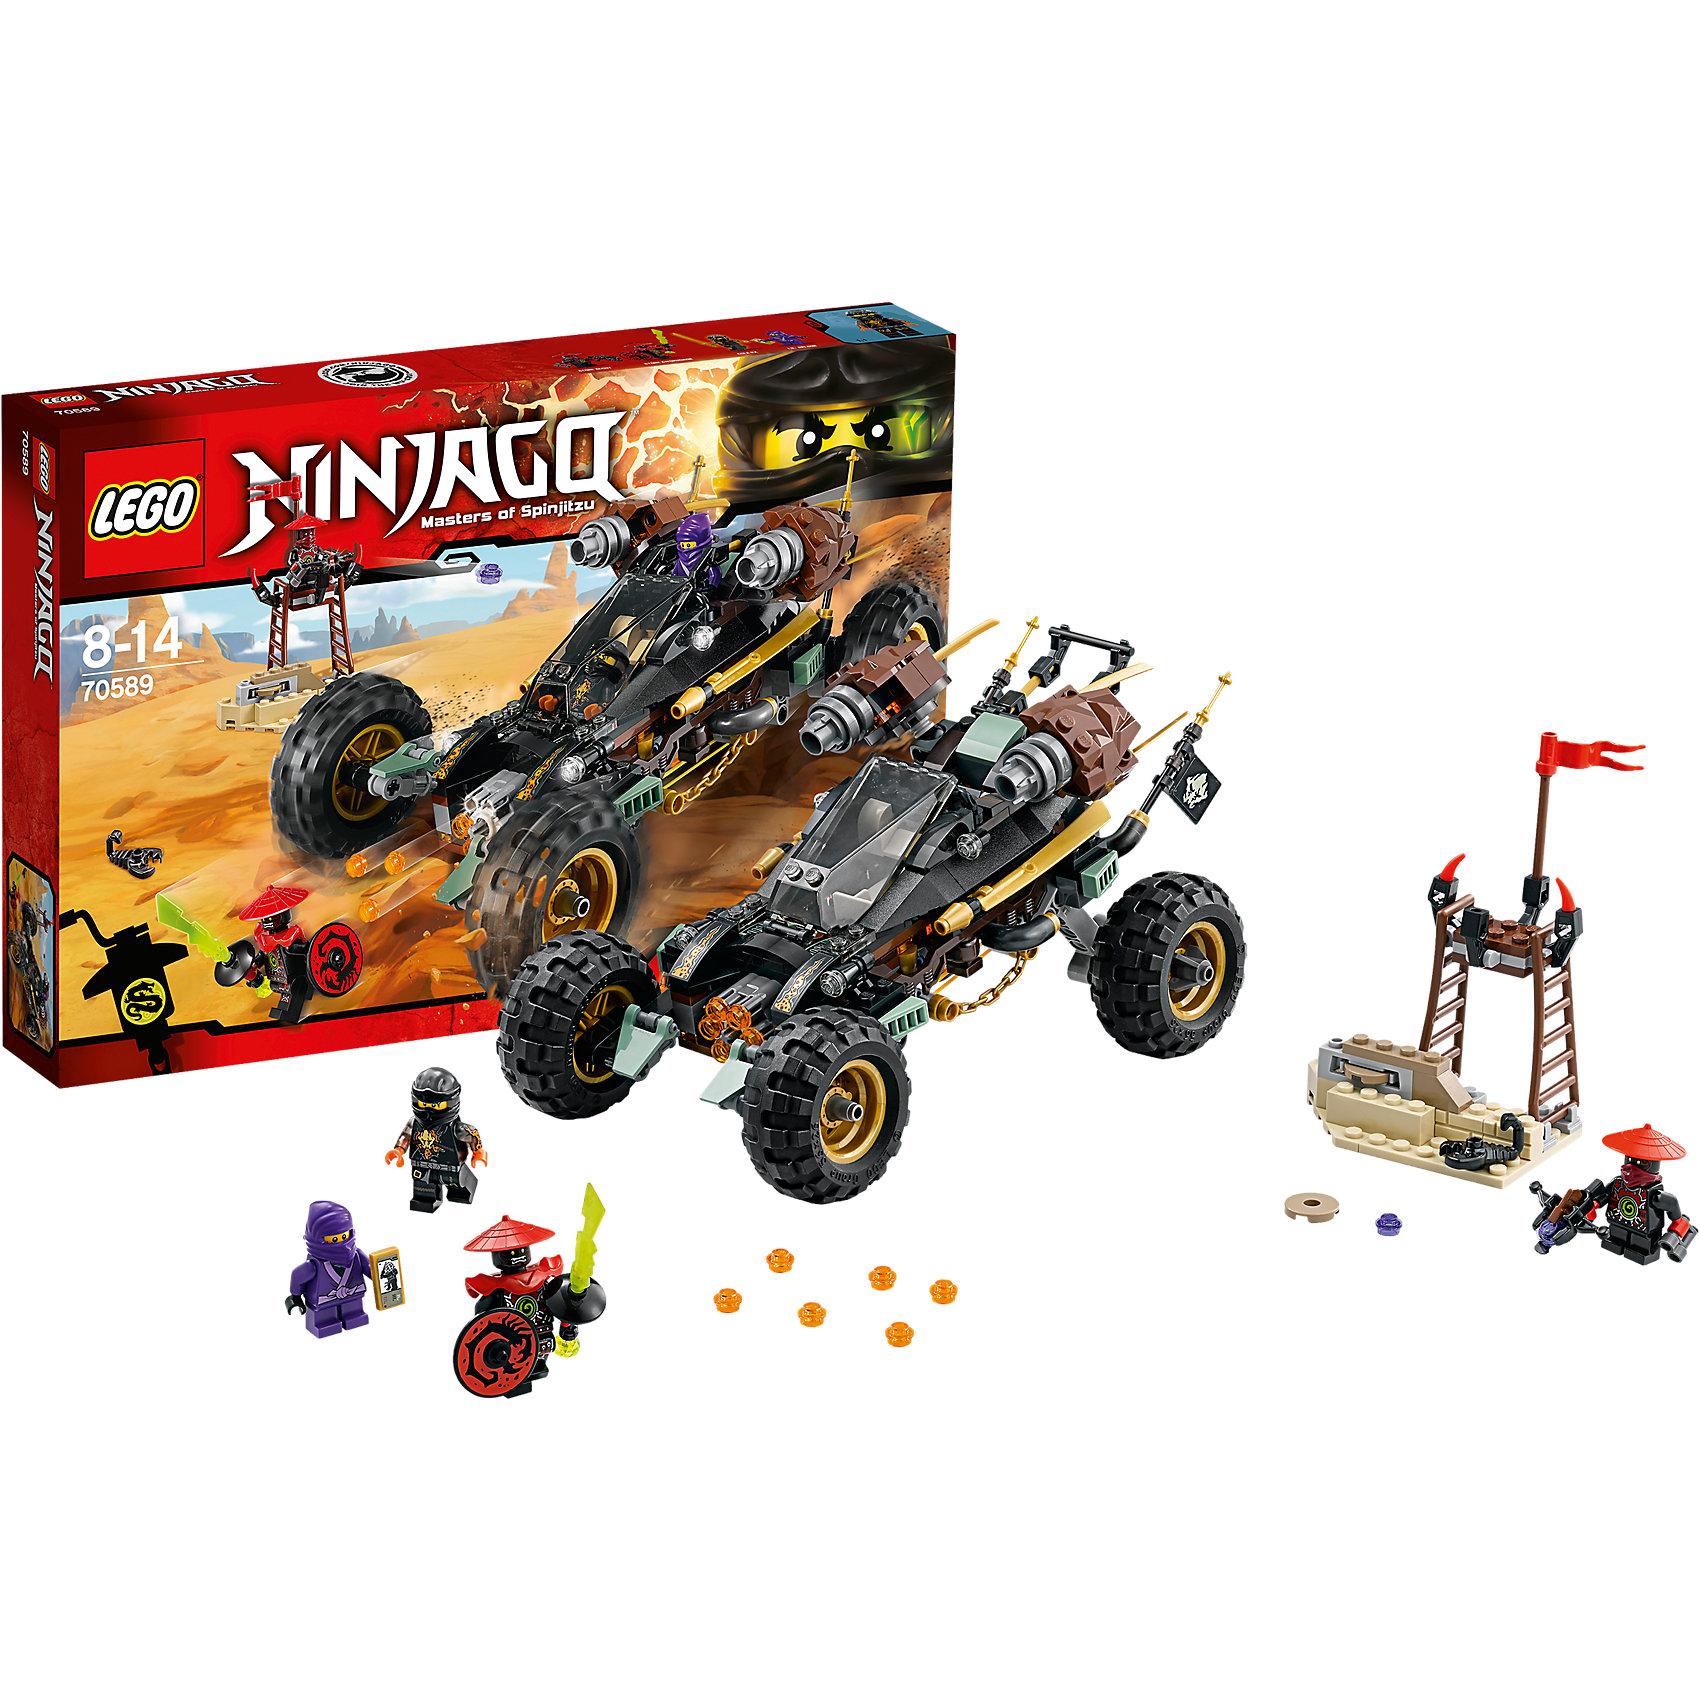 LEGO NINJAGO 70589: Горный внедорожникПластмассовые конструкторы<br>Автомобили и конструкторы обожает множество современных мальчишек, поэтому набор Лего, из которого можно собрать горный внедорожник, обязательно порадует ребенка. Такие игрушки помогают детям развивать воображение, мелкую моторику, логику и творческое мышление.<br>Набор состоит из множества деталей, с помощью которых можно  собрать крутую машину! С таким комплектом можно придумать множество игр!<br><br>Дополнительная информация:<br><br>цвет: разноцветный;<br>размер коробки: 38 x 26 x 6 см;<br>материал: пластик;<br>количество деталей: 406.<br><br>Набор Горный внедорожник от бренда LEGO NINJAGO можно купить в нашем магазине.<br><br>Ширина мм: 383<br>Глубина мм: 261<br>Высота мм: 63<br>Вес г: 611<br>Возраст от месяцев: 96<br>Возраст до месяцев: 168<br>Пол: Мужской<br>Возраст: Детский<br>SKU: 4641241